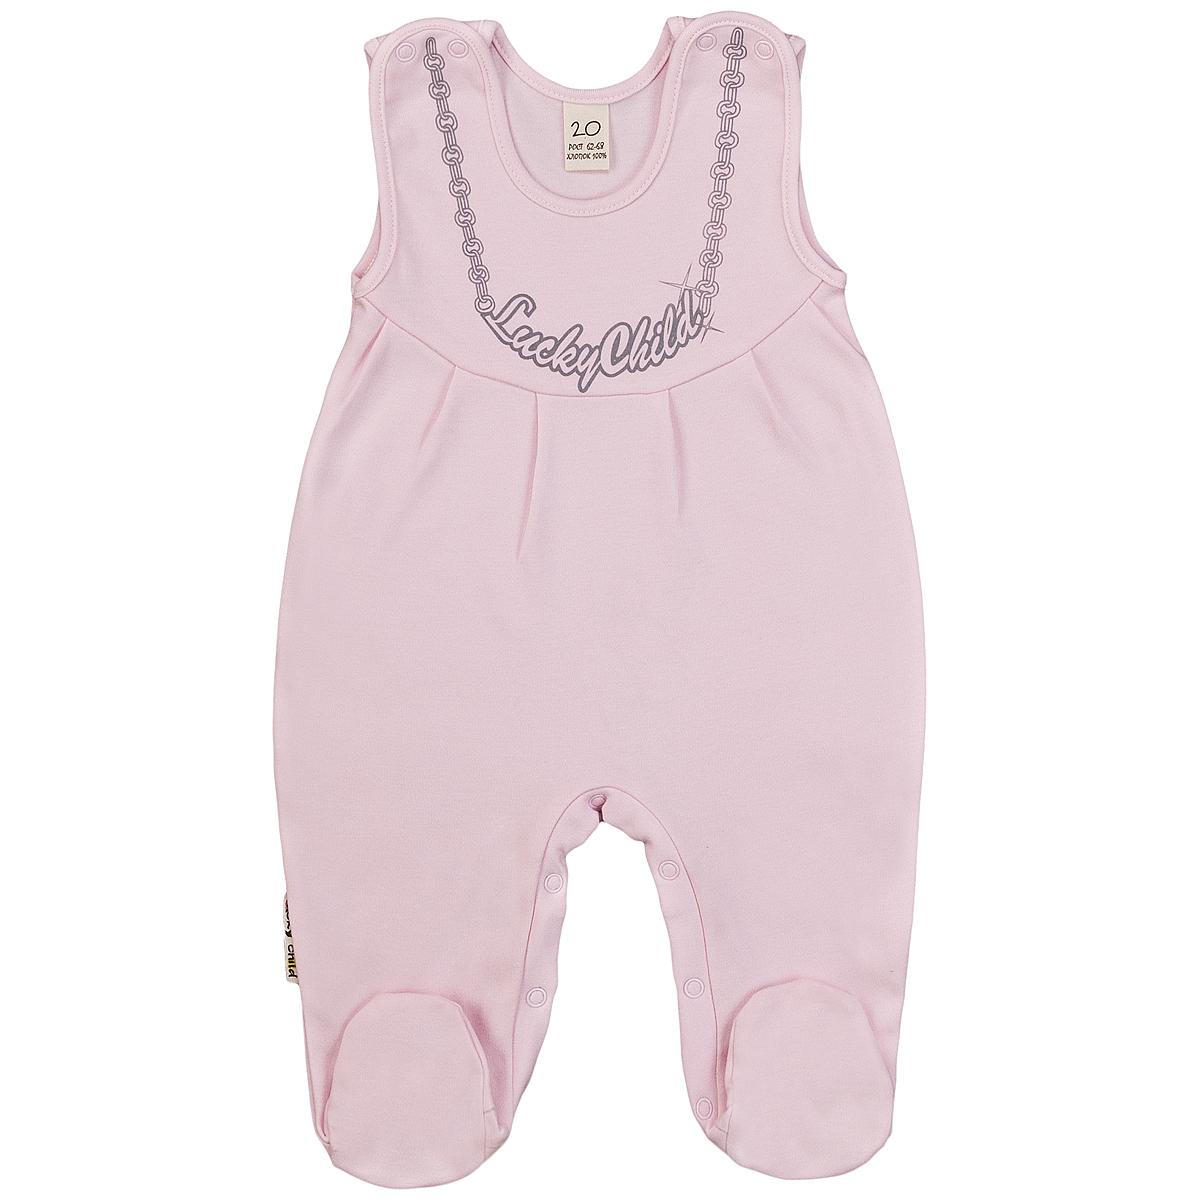 Ползунки с грудкой для девочки Lucky Child, цвет: розовый. 2-14. Размер 56/622-14Ползунки с грудкой для девочки Lucky Child - очень удобный и практичный вид одежды для малышей. Они отлично сочетаются с футболками и кофточками. Ползунки выполнены из интерлока - натурального хлопка, благодаря чему они необычайно мягкие и приятные на ощупь, не раздражают нежную кожу ребенка и хорошо вентилируются, а эластичные швы приятны телу малышки и не препятствуют ее движениям. Ползунки с закрытыми ножками, застегивающиеся сверху на кнопки, идеально подойдут вашей малышке, обеспечивая ей наибольший комфорт, подходят для ношения с подгузником и без него. Кнопки на ластовице помогают легко и без труда поменять подгузник в течение дня. На груди они оформлены оригинальным принтом, имитирующим цепочку с подвеской.Ползунки с грудкой полностью соответствуют особенностям жизни младенца в ранний период, не стесняя и не ограничивая его в движениях!